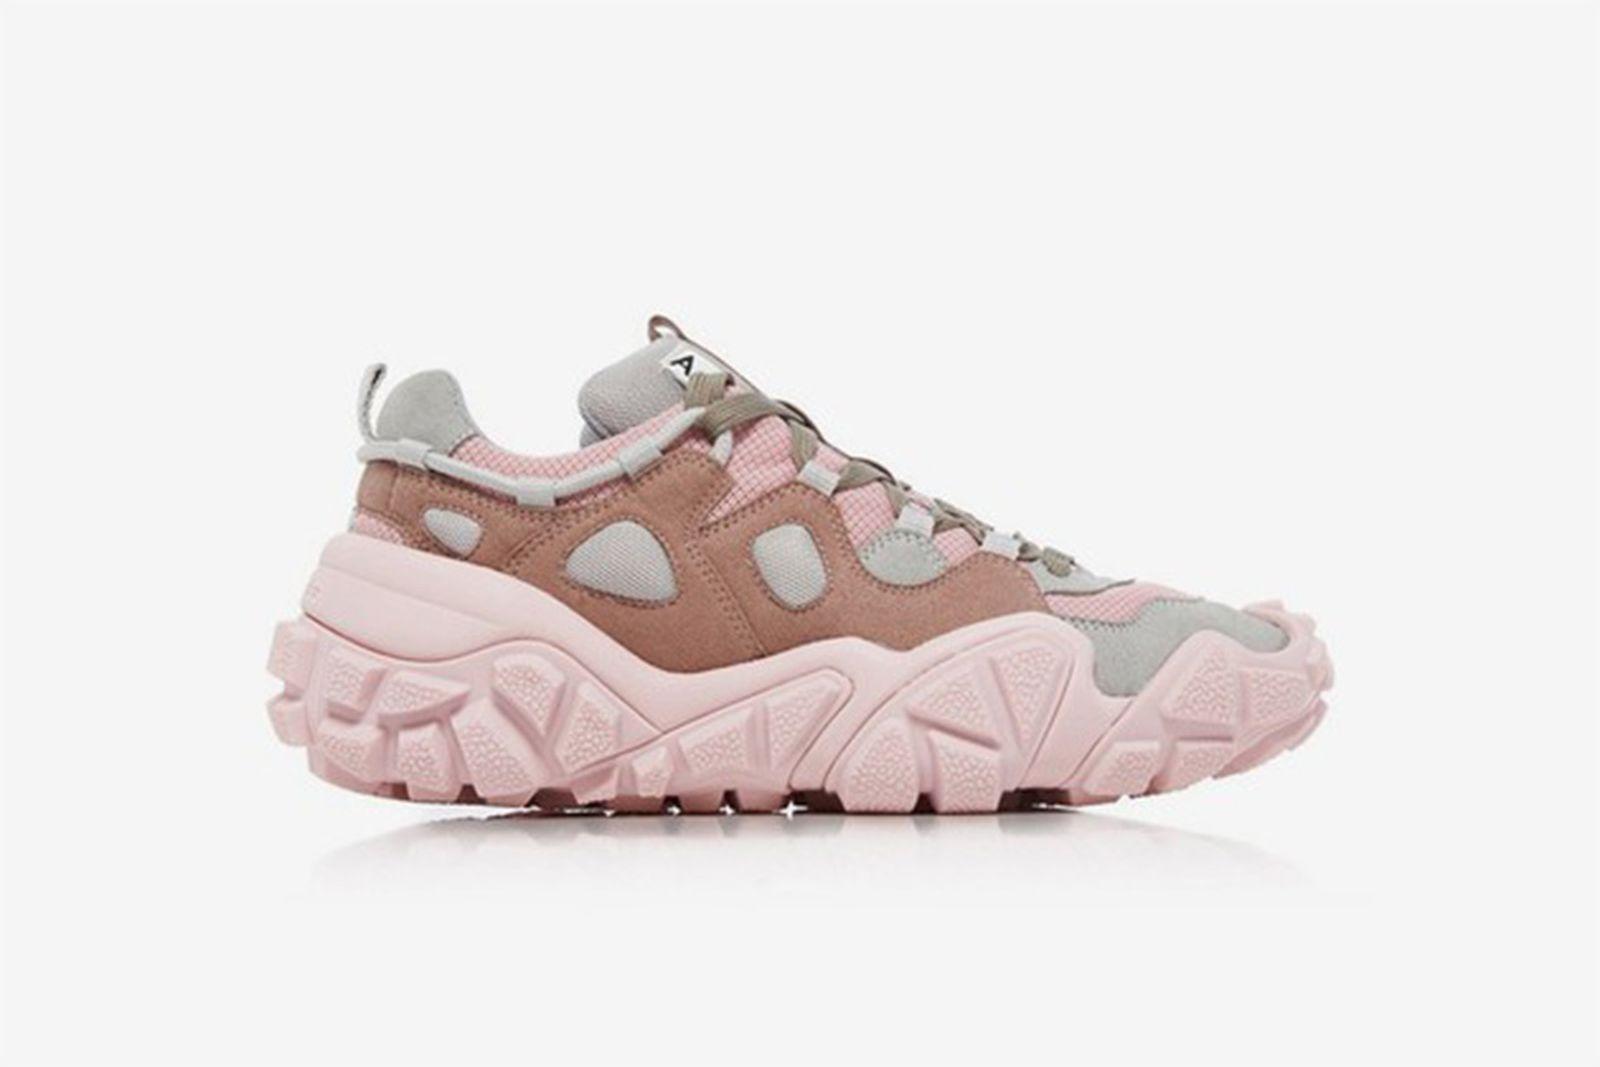 Womens-sneakers-on-sale-head1